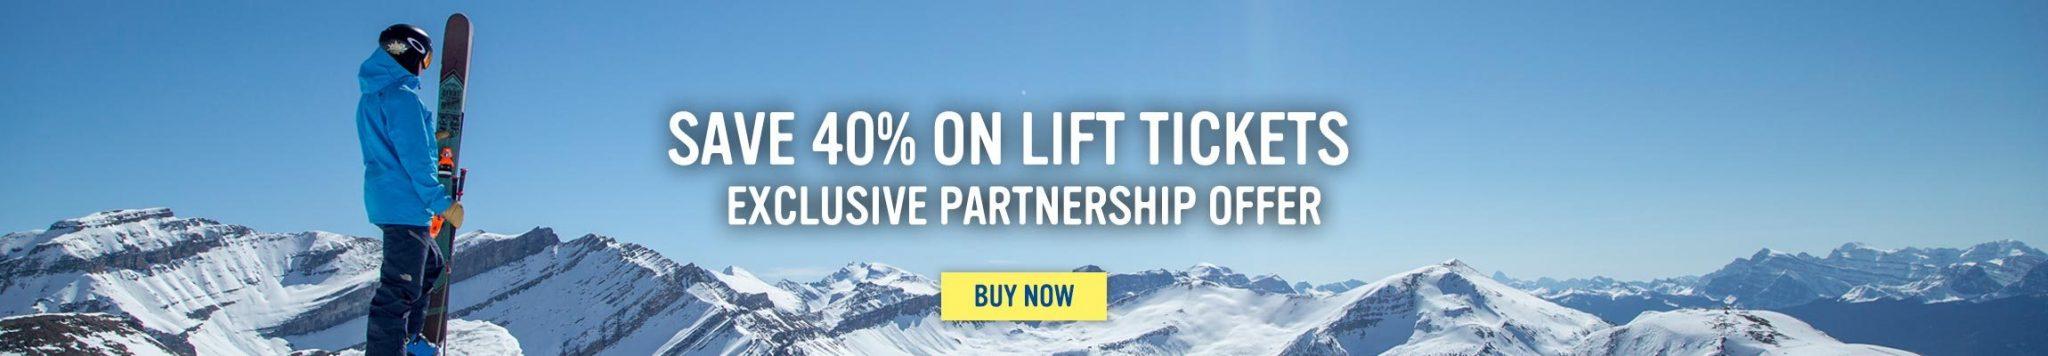 Lift Tickets - Save 40 percent